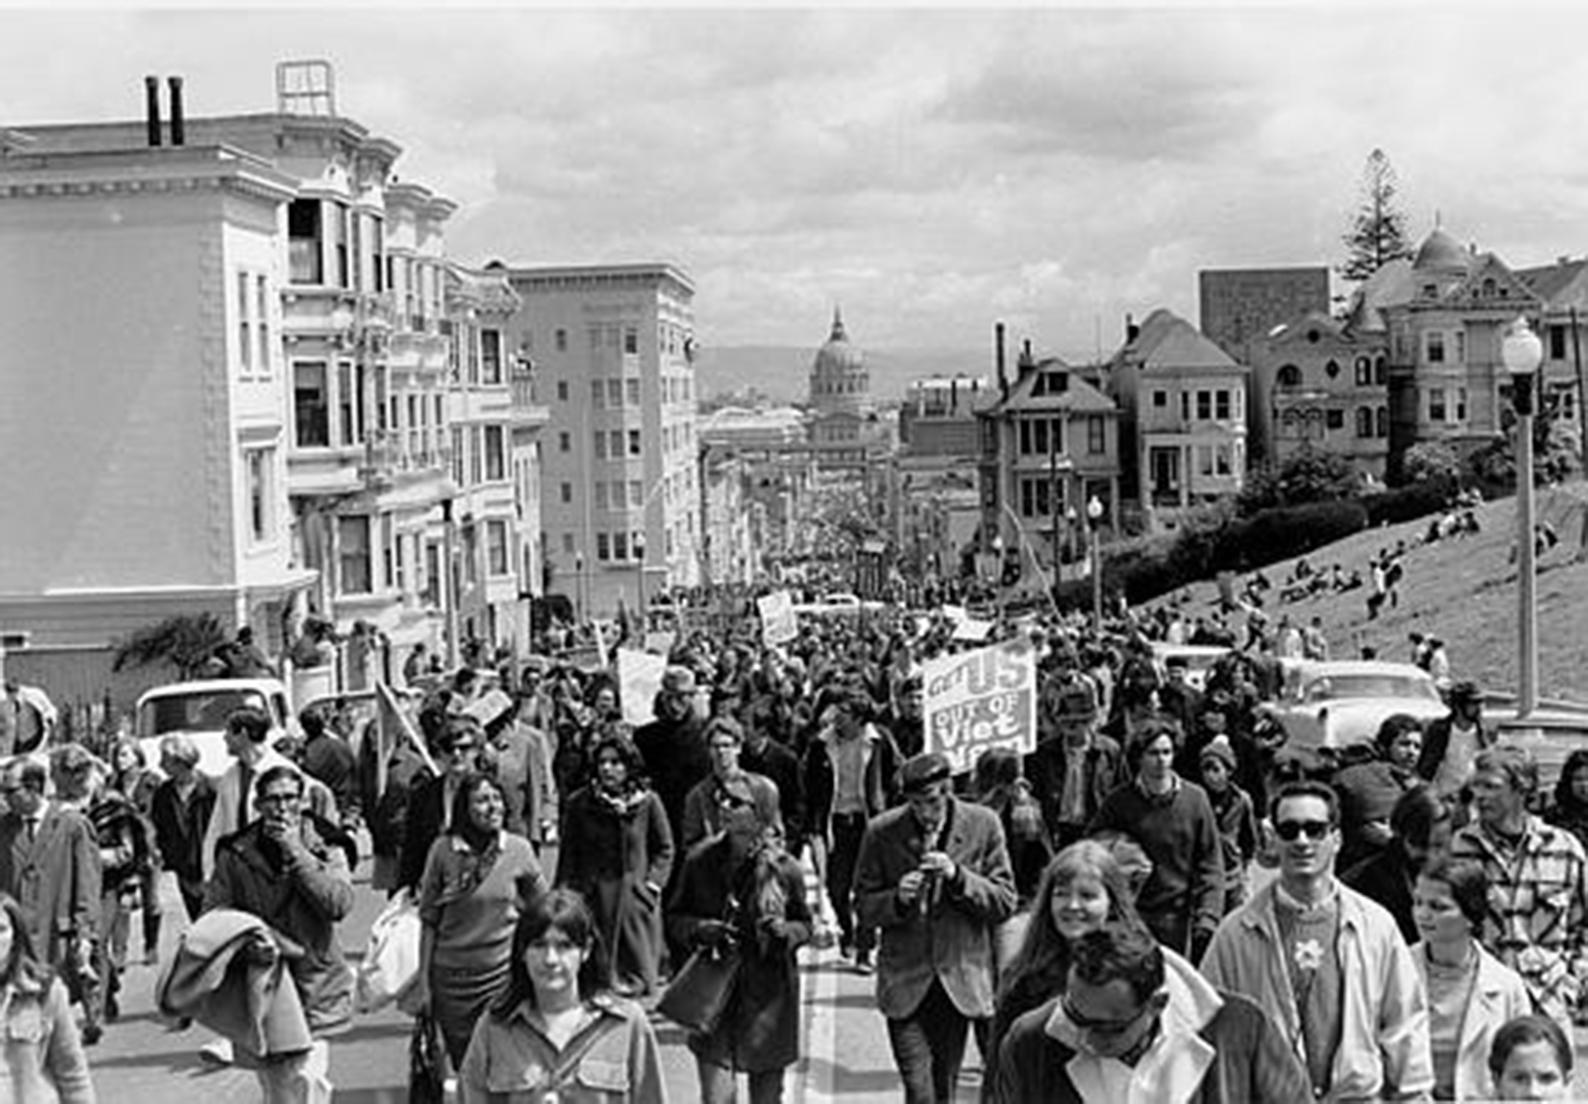 1972年4月,「SDS」在美國三藩市發起反越戰抗議行動。由其分化出去的極左翼團體「氣象員」,則成為20世紀60年代最重要的激進先鋒組織。(公有領域)